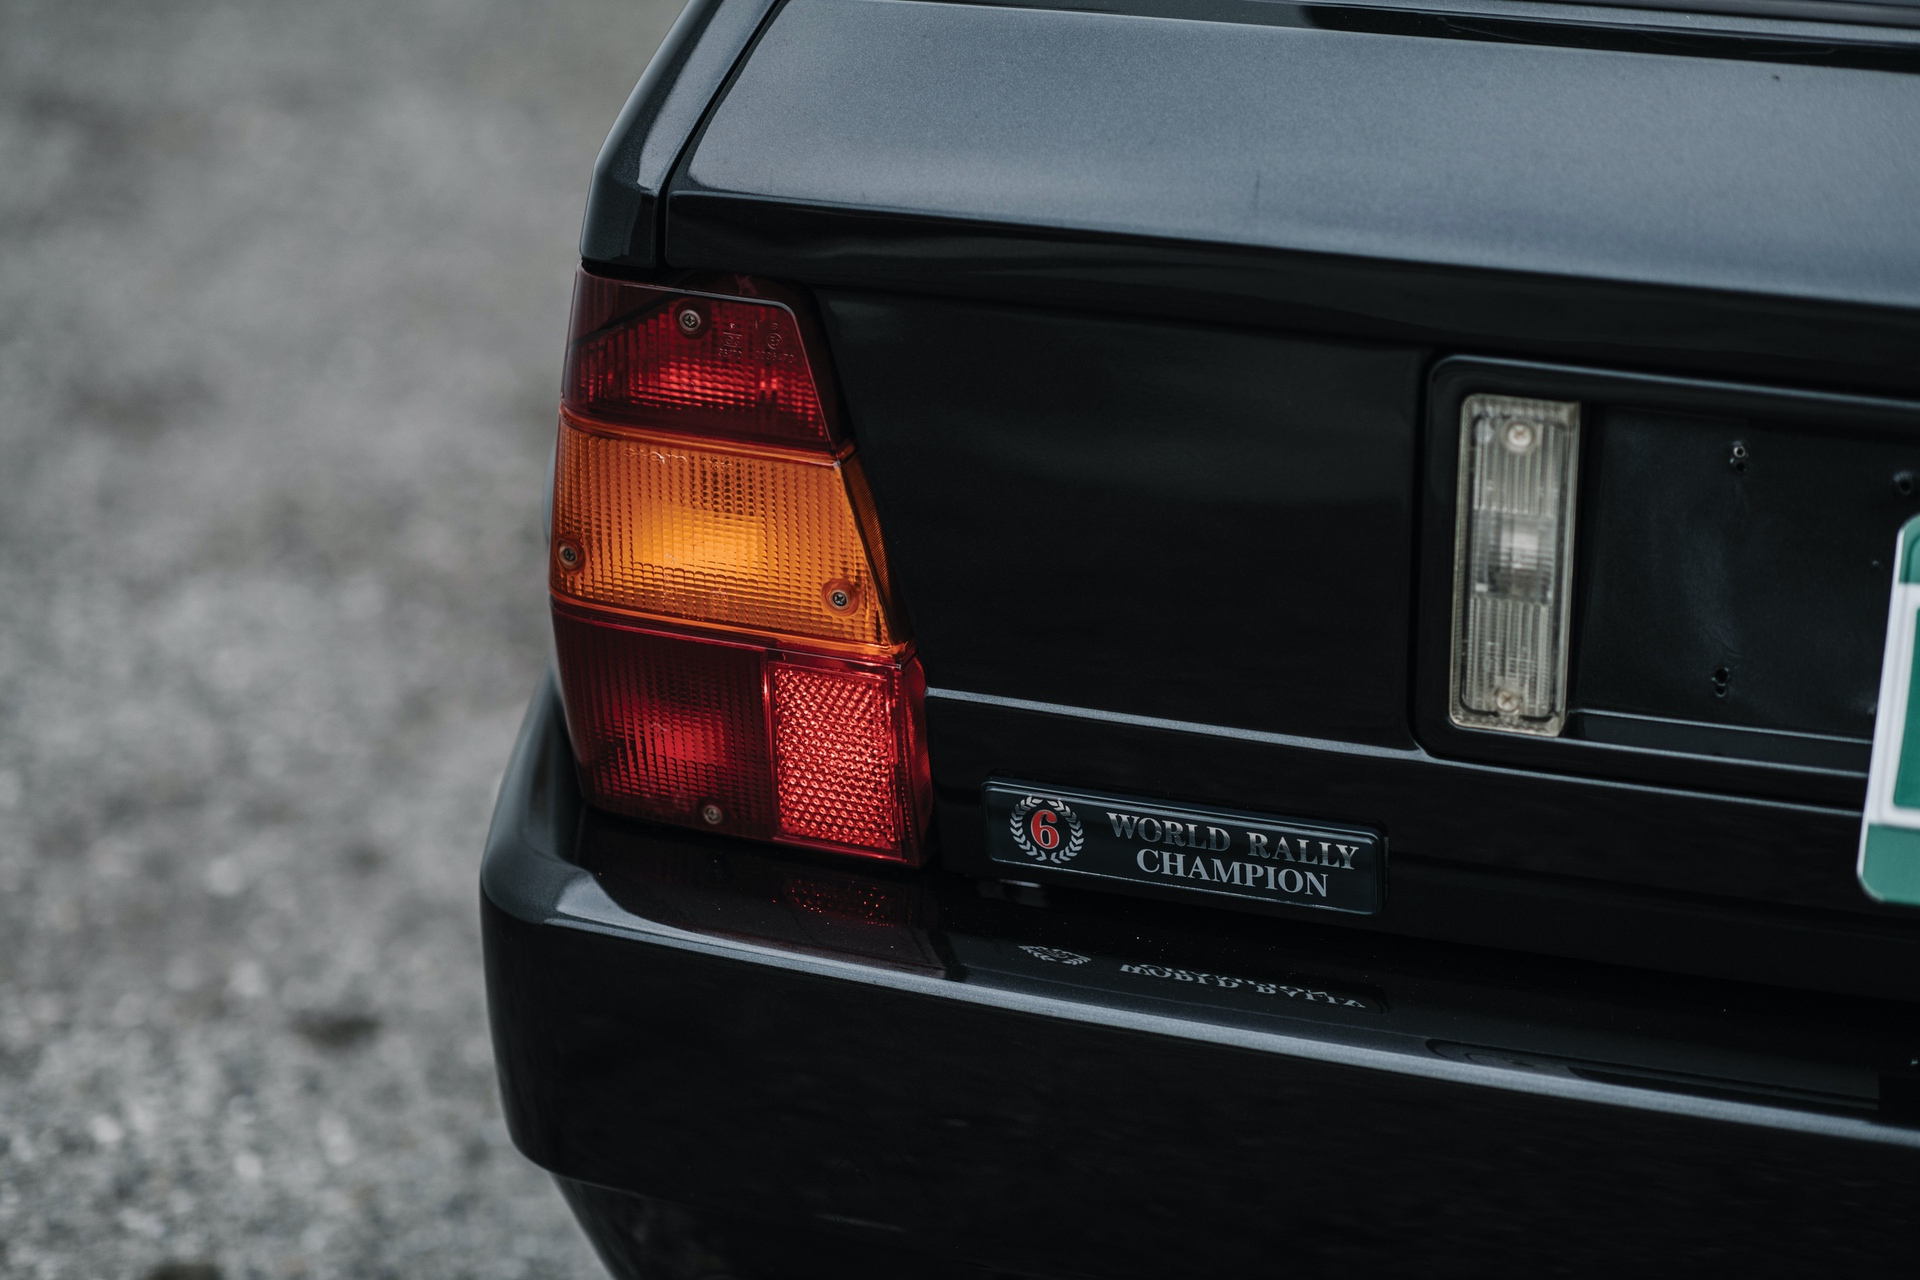 1992-Lancia-Delta-HF-Integrale-Evoluzione-_9